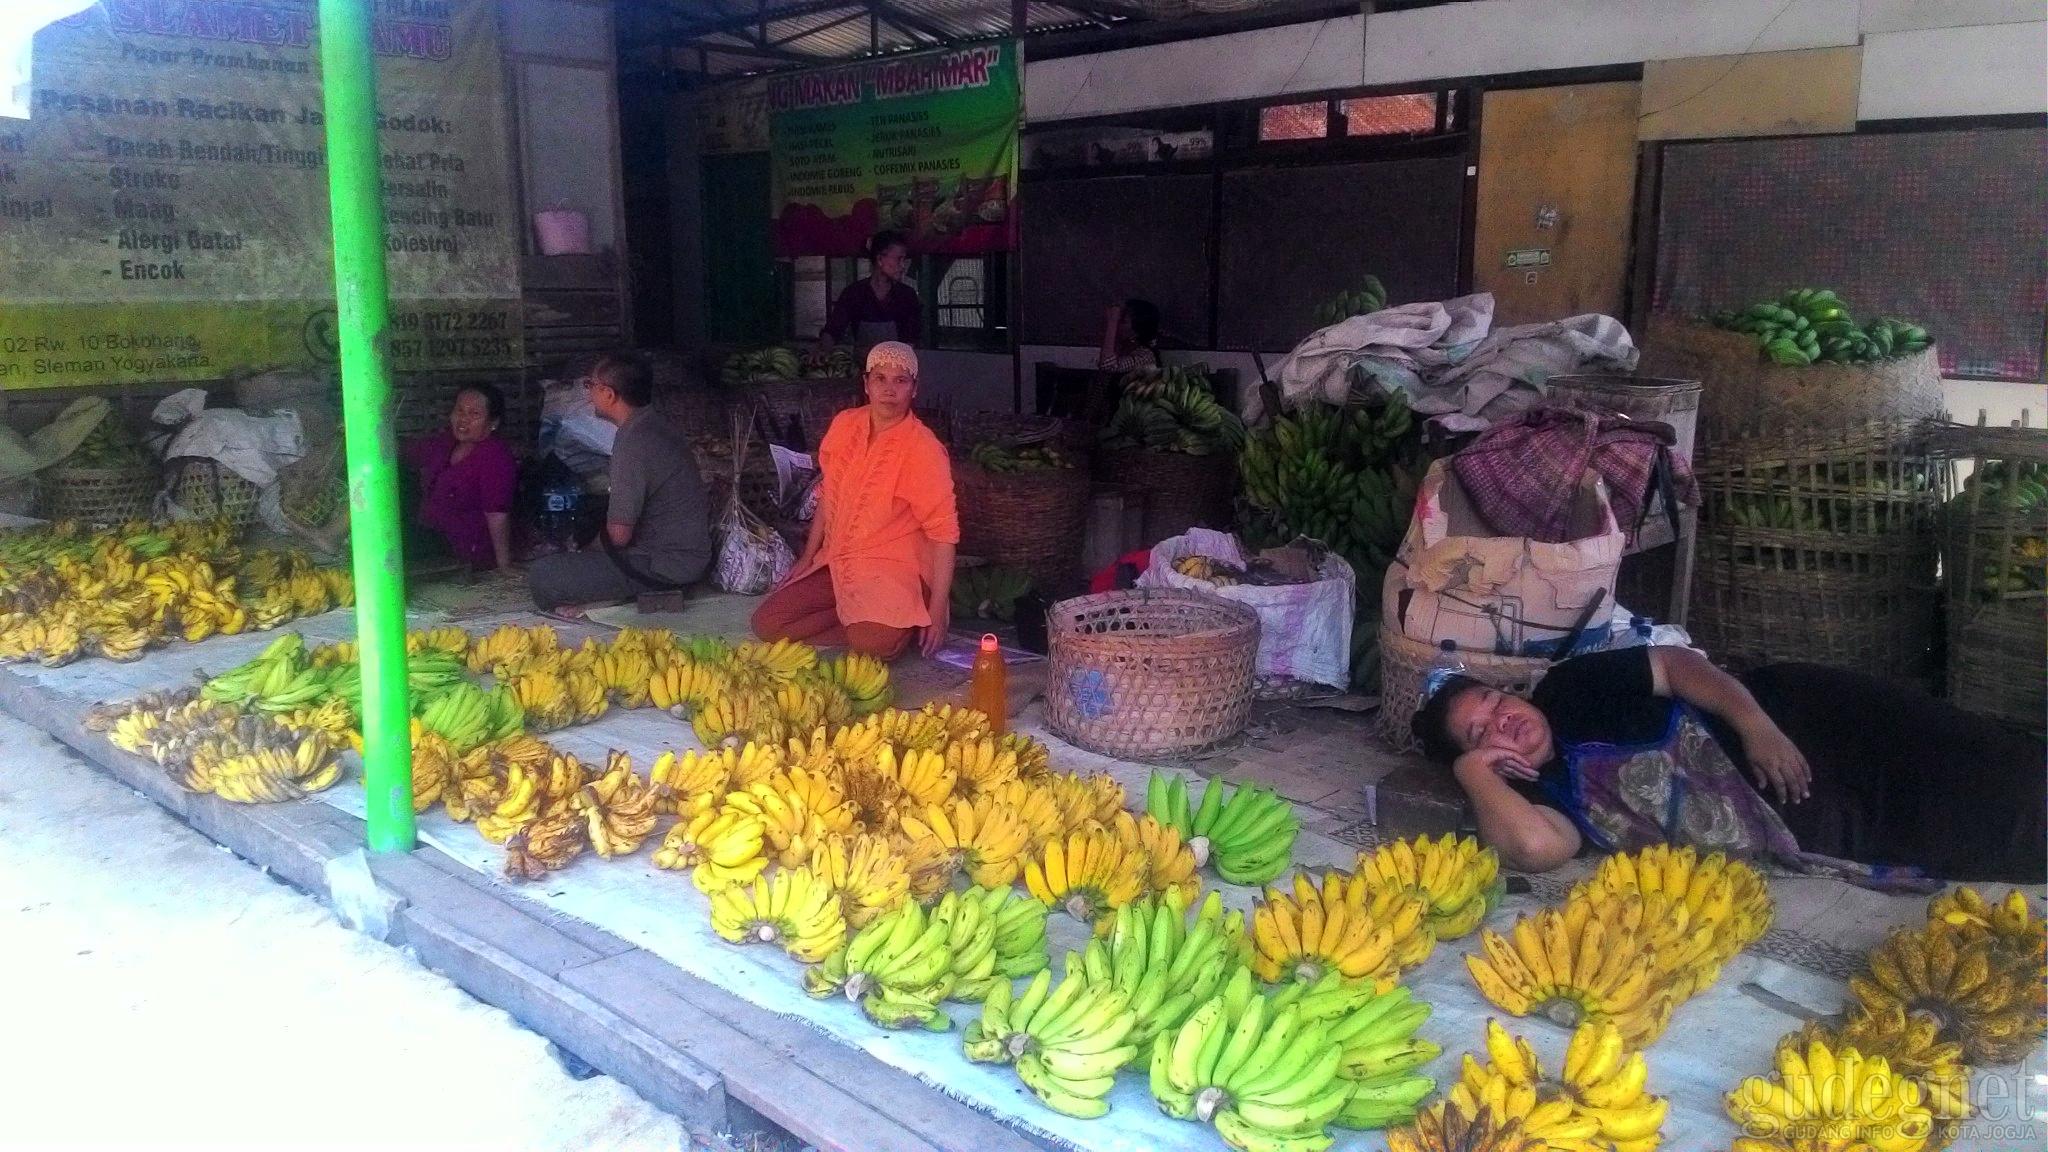 Pasar Prambanan Yogyakarta